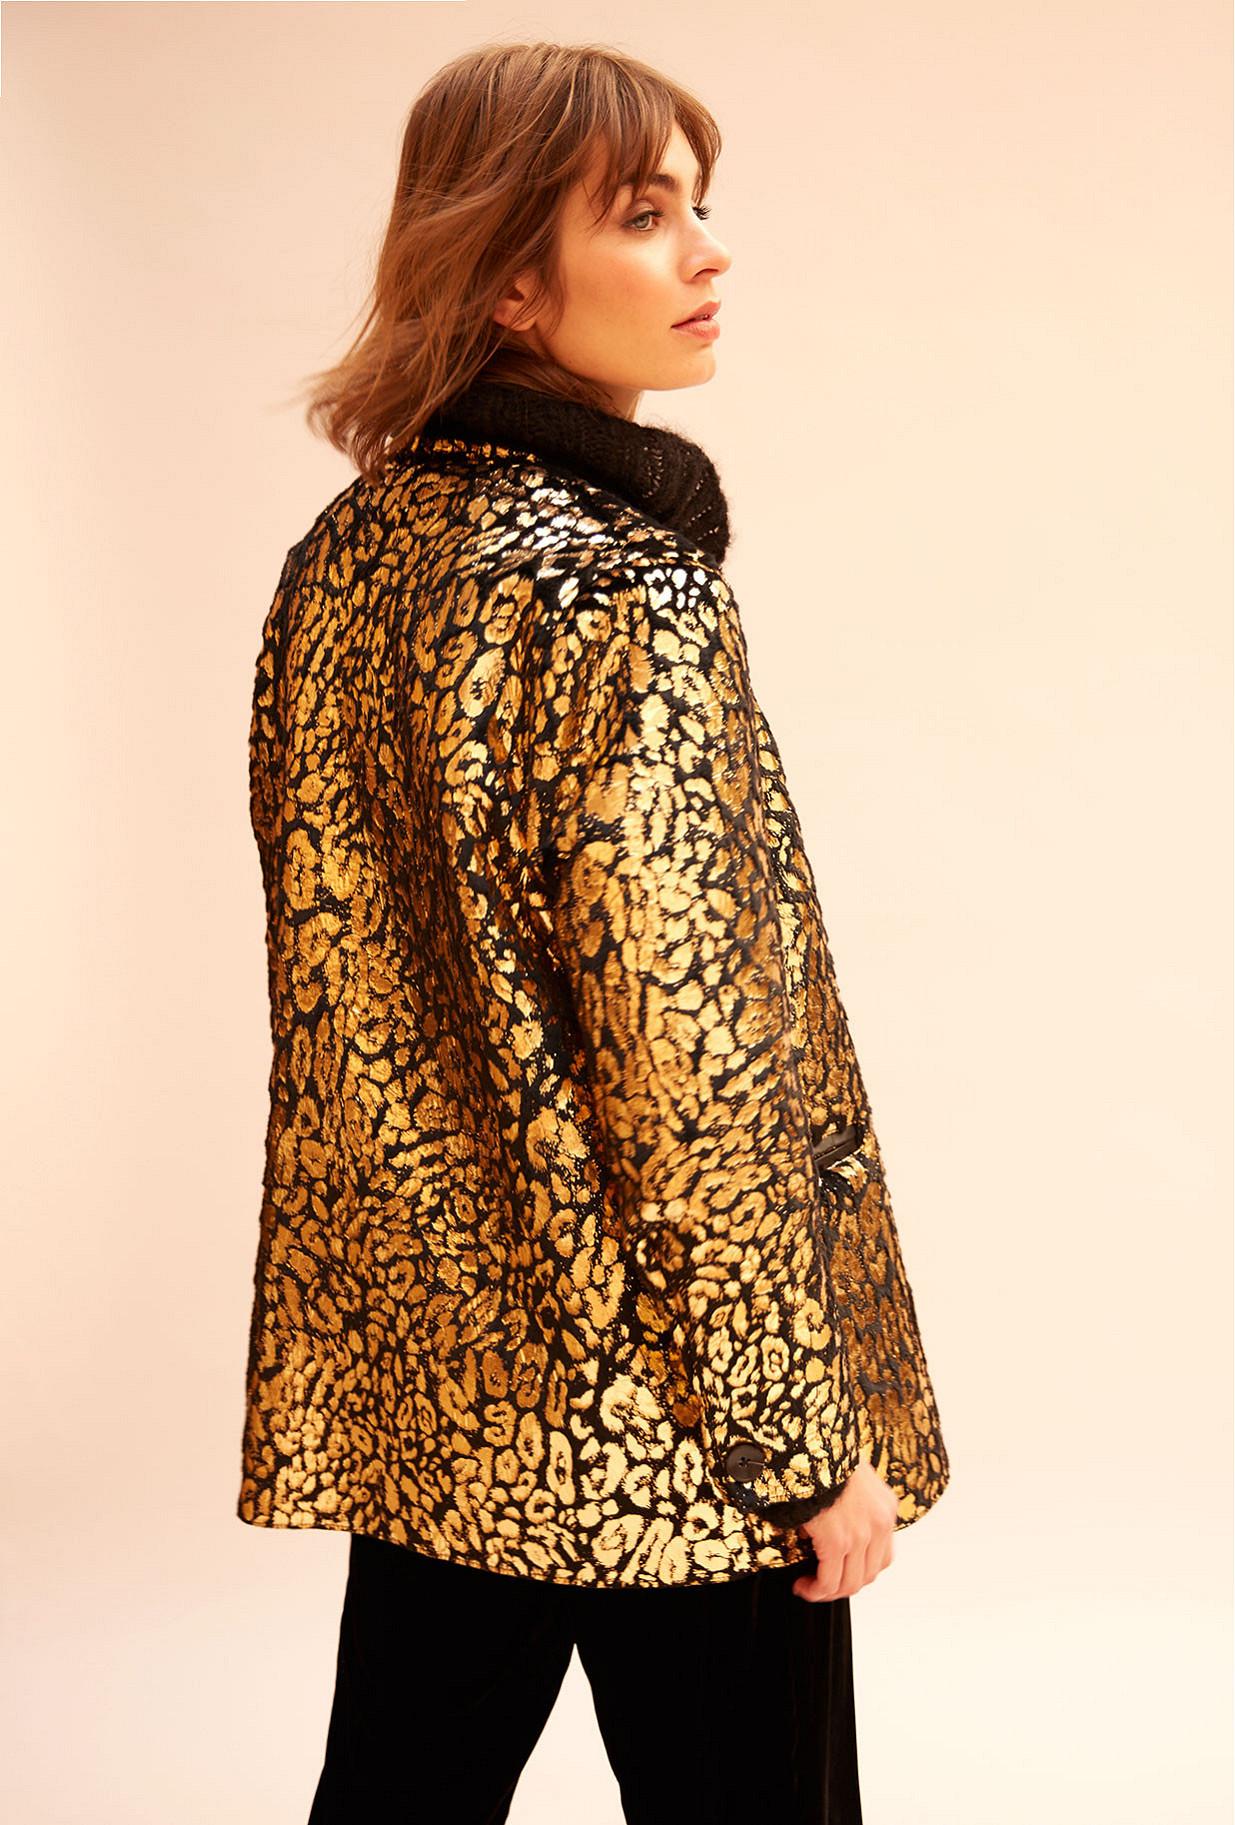 Gold  Jacket  Blondie Mes demoiselles fashion clothes designer Paris